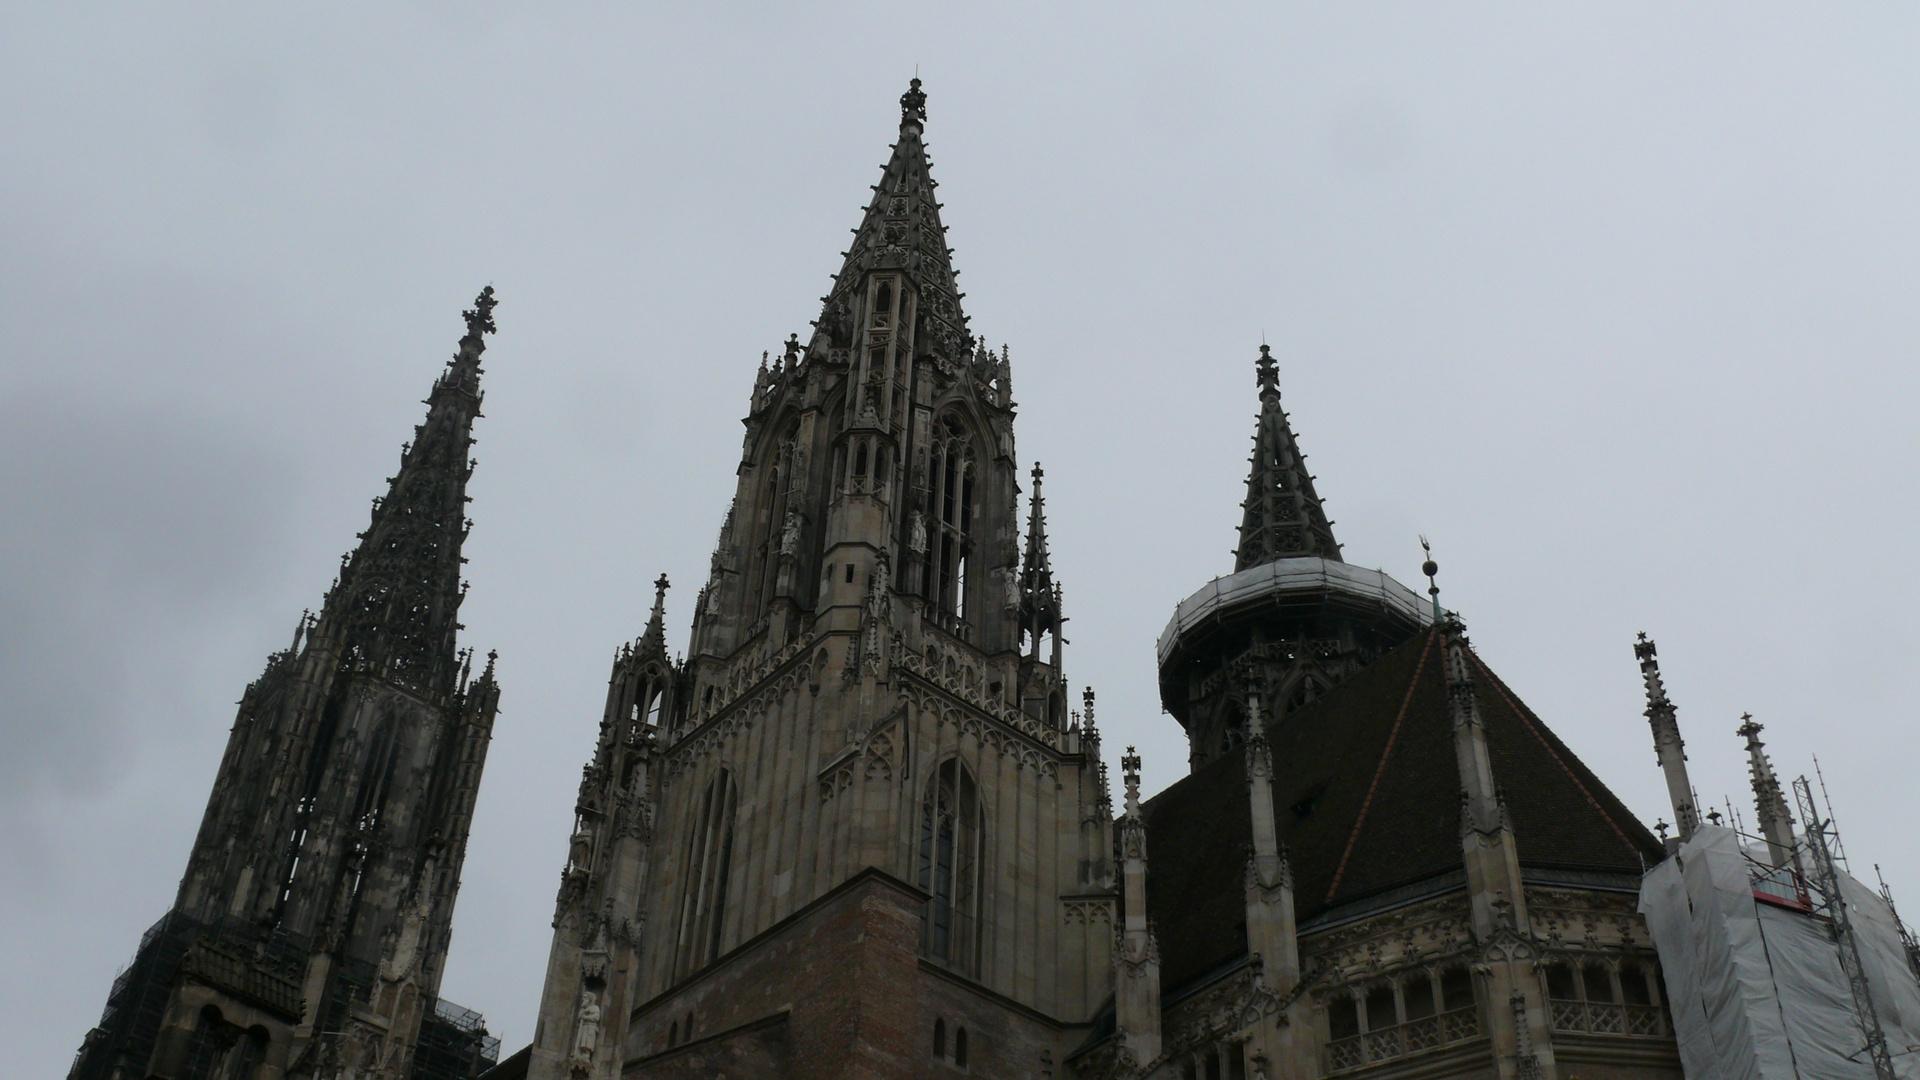 das Ulmer Münster-turmgewaltig 6.10.13